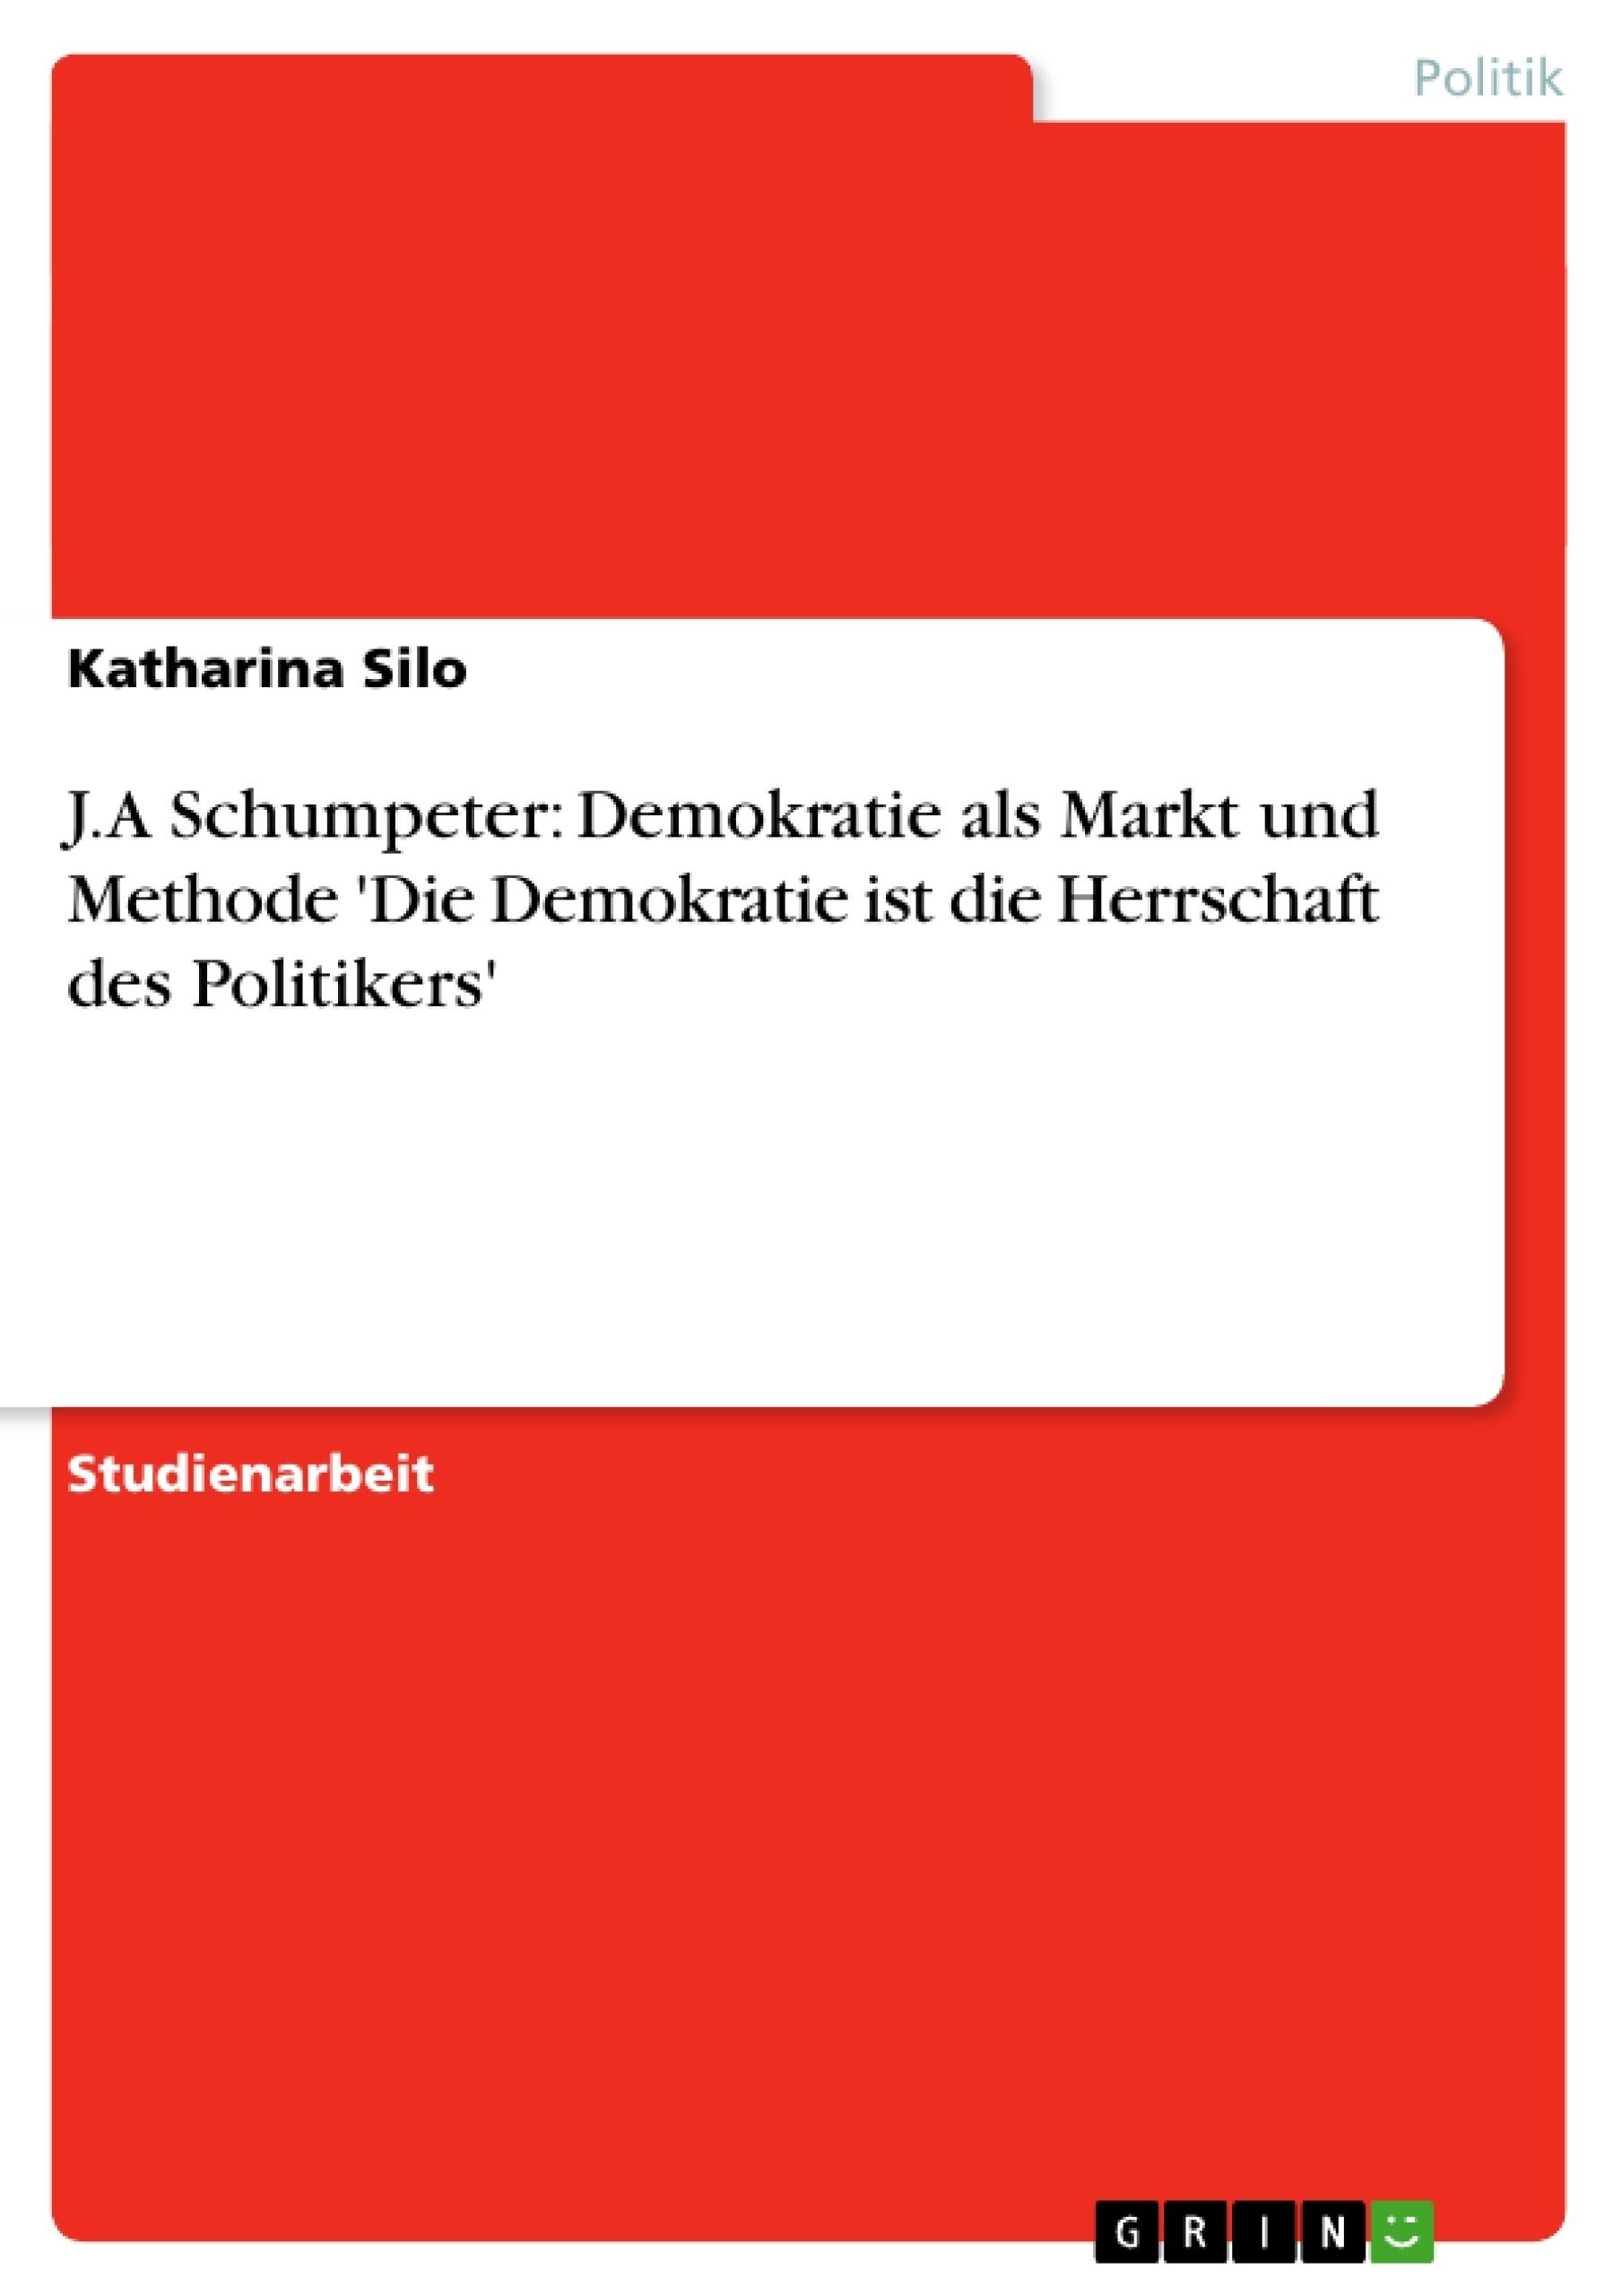 Titel: J.A Schumpeter: Demokratie als Markt und Methode 'Die Demokratie ist die Herrschaft des Politikers'